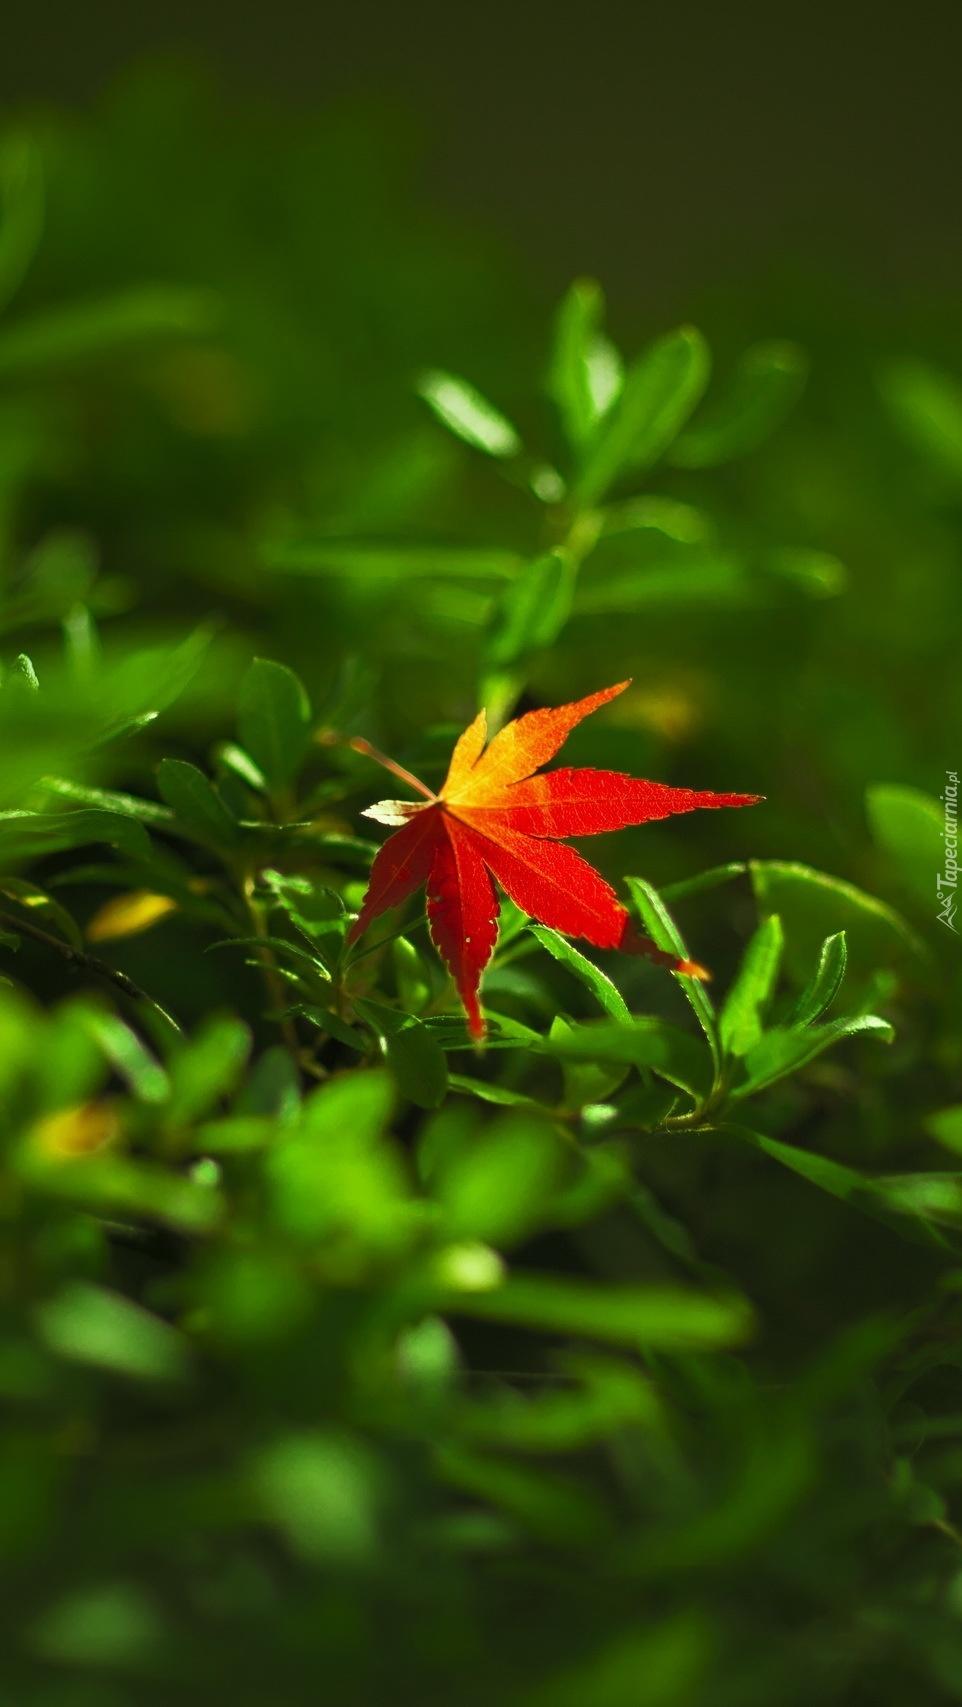 W zielonej trawie zabłąkał się czerwony listek